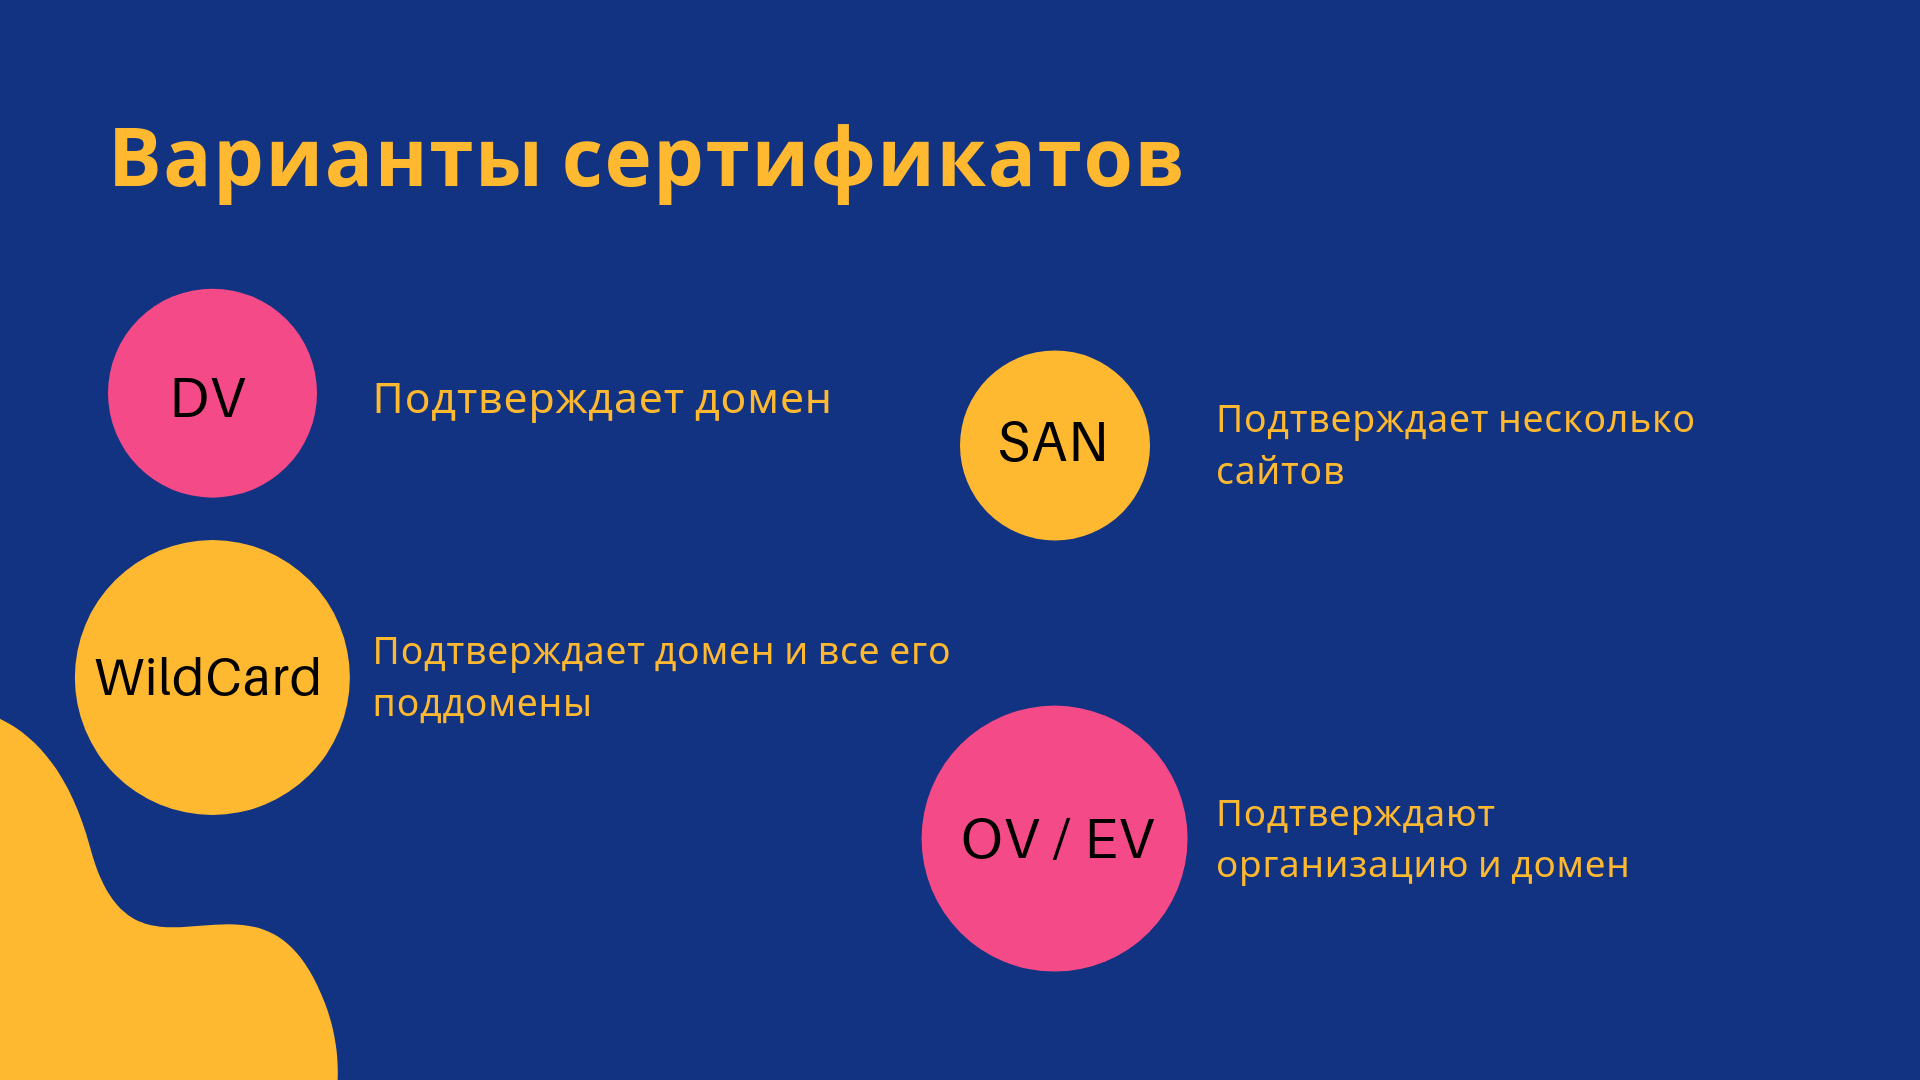 Варианты сертификатов безопасности